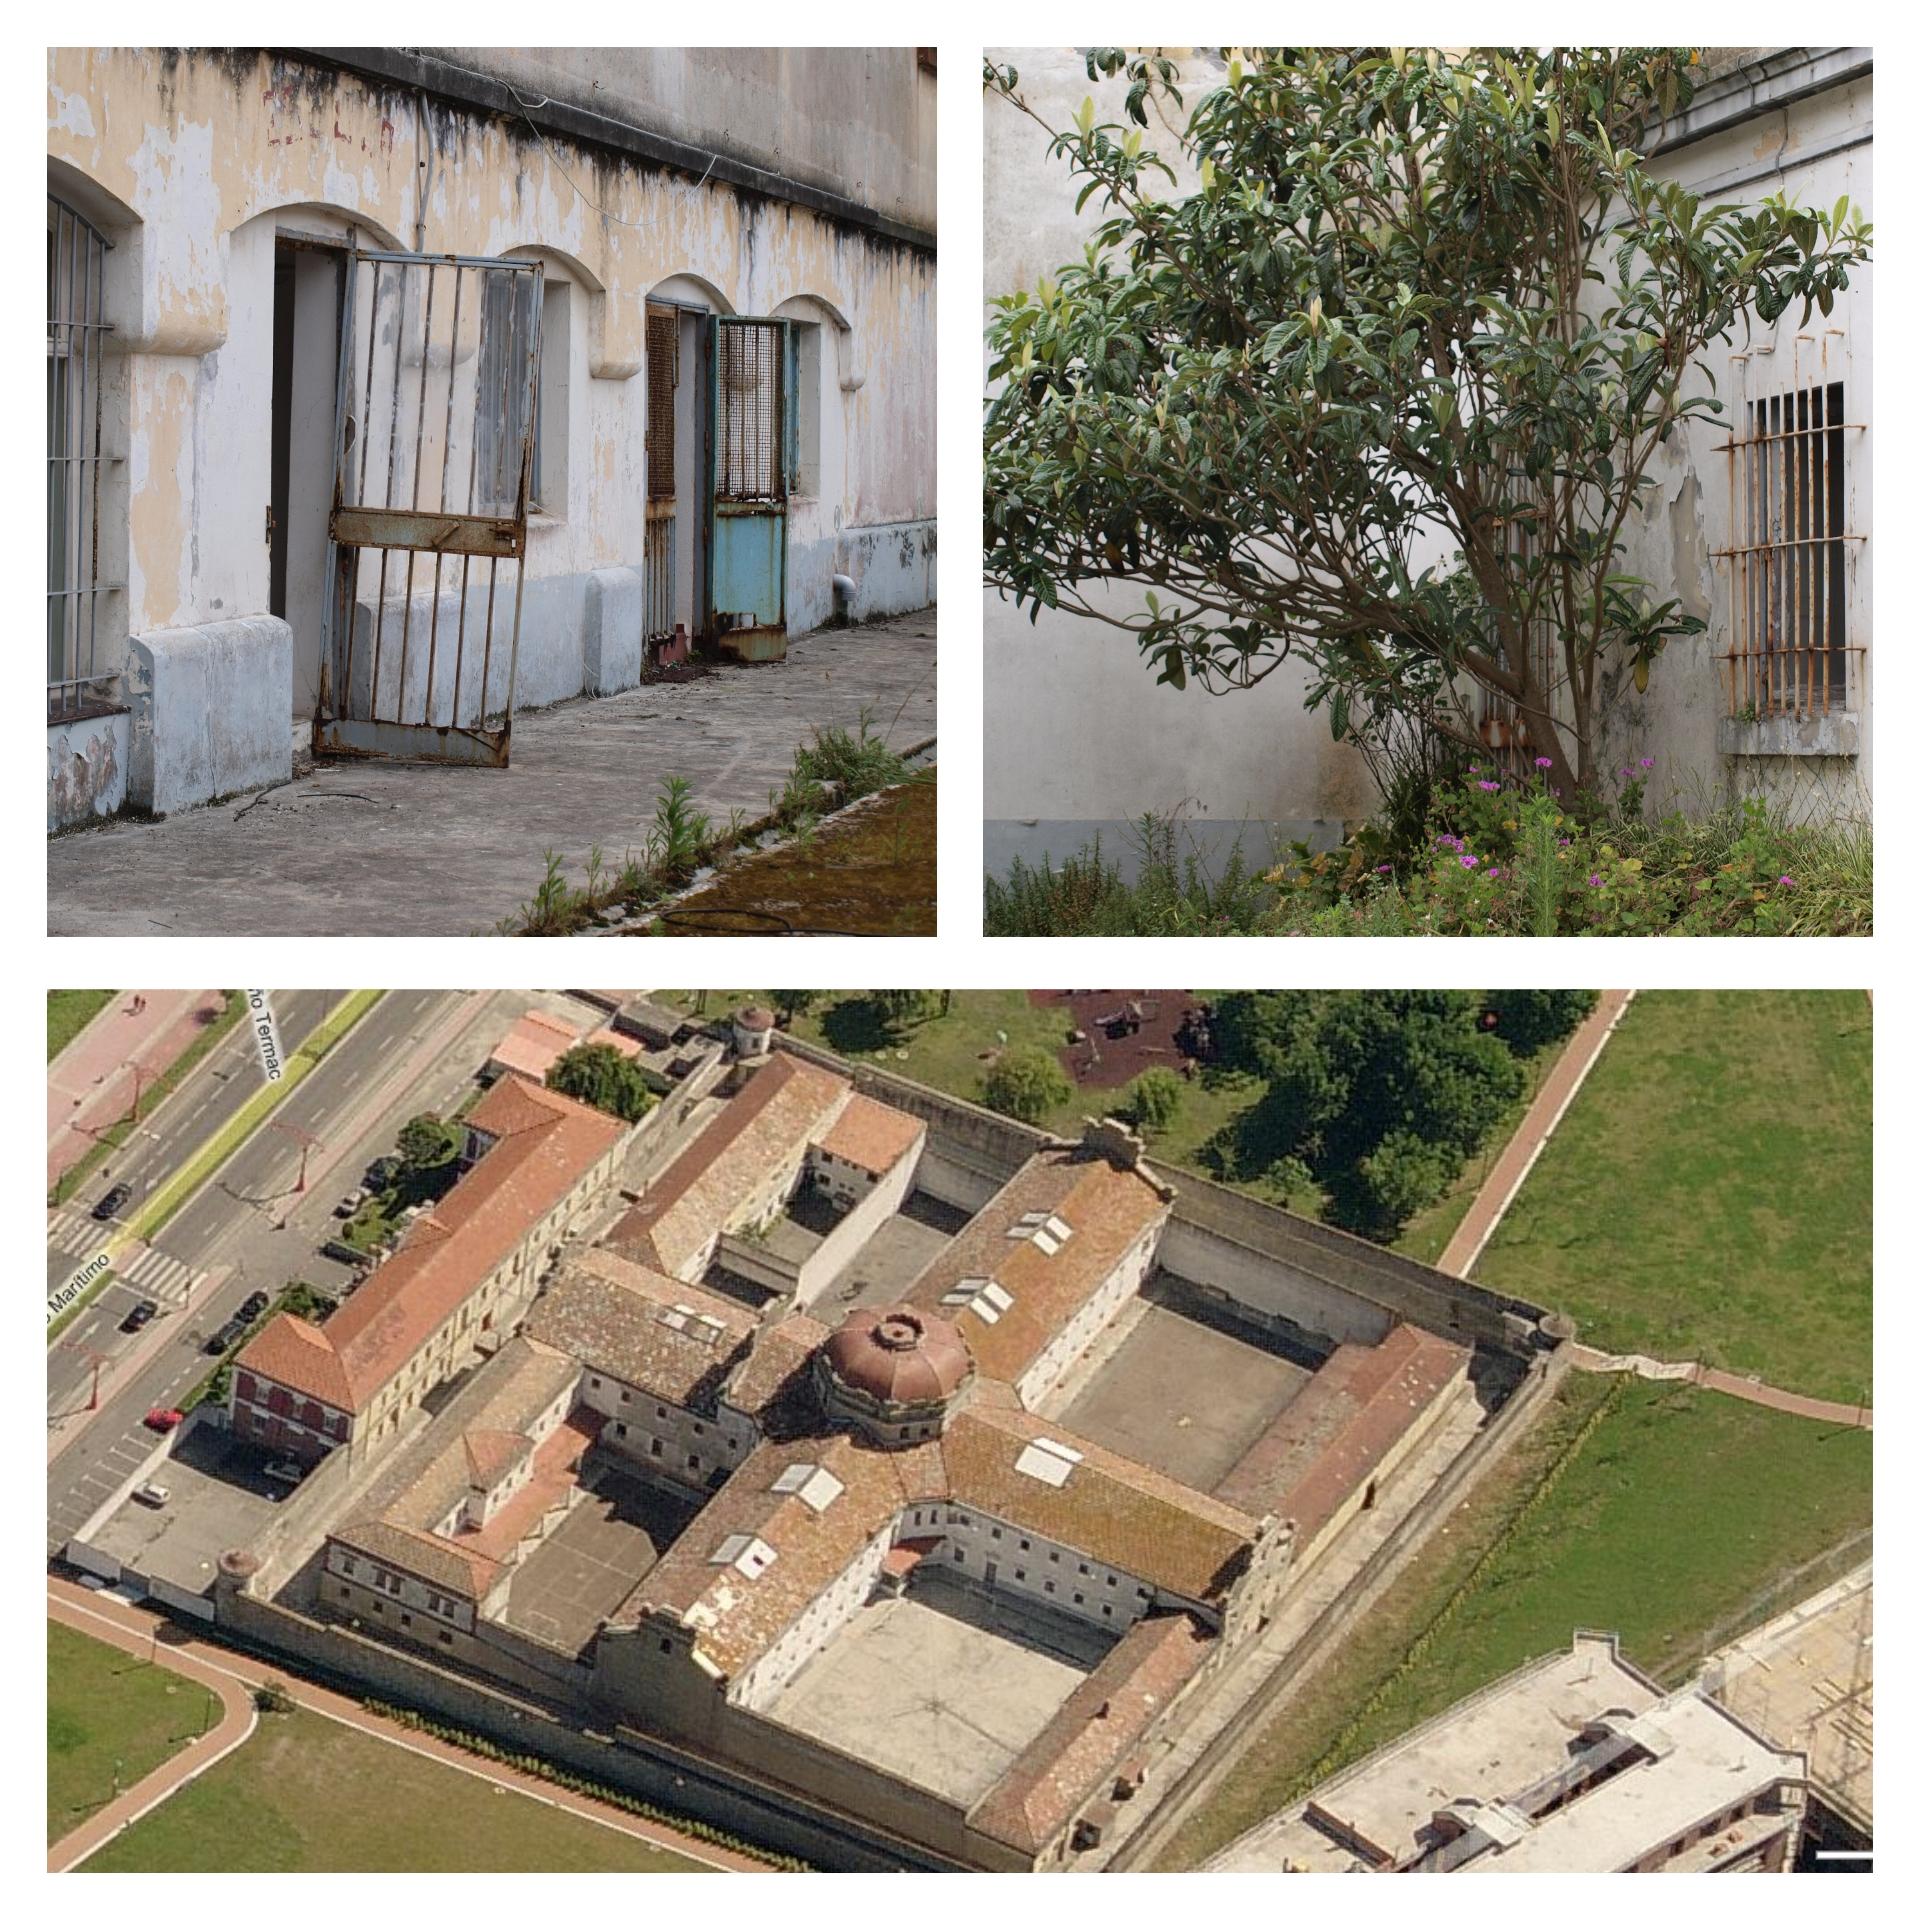 _Coruña's Jail